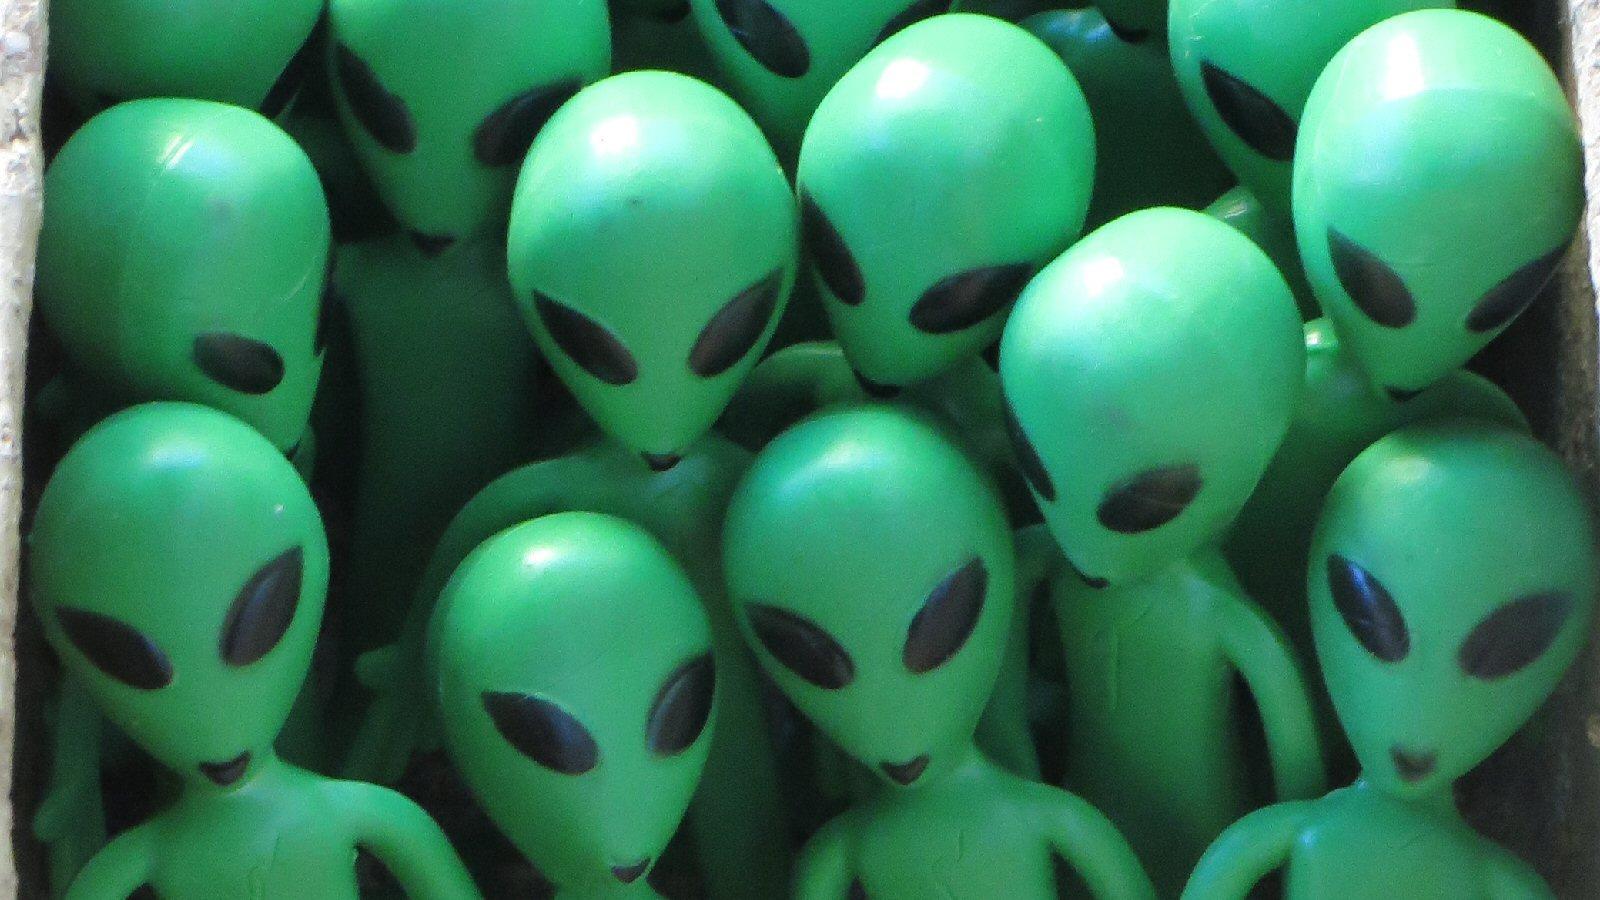 010 Essay Example 9153767970 C287effc20 H Do Aliens Exist Beautiful Persuasive Full